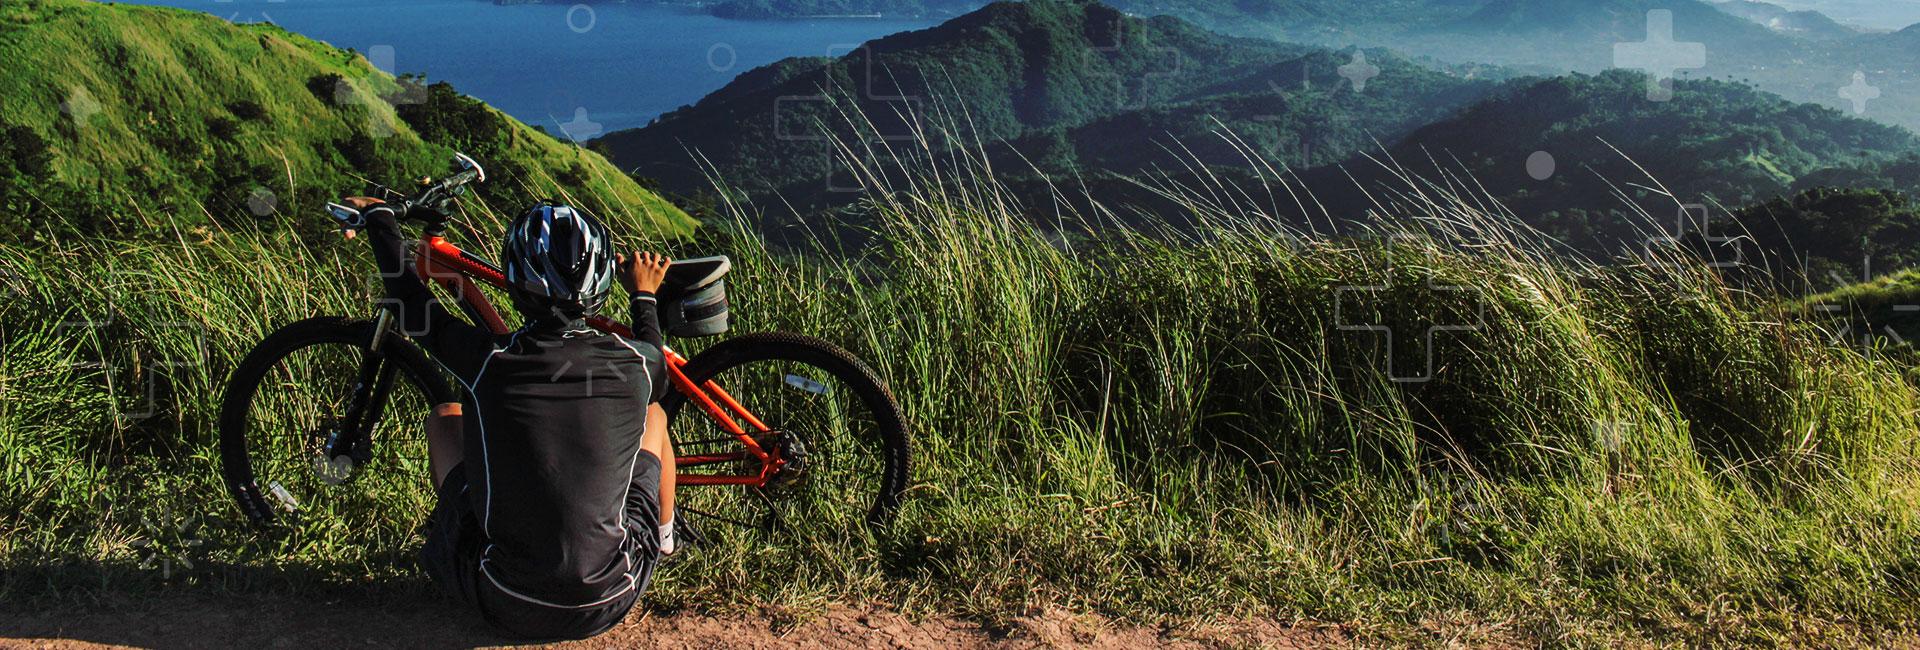 cada vez mas lejos en bicicleta